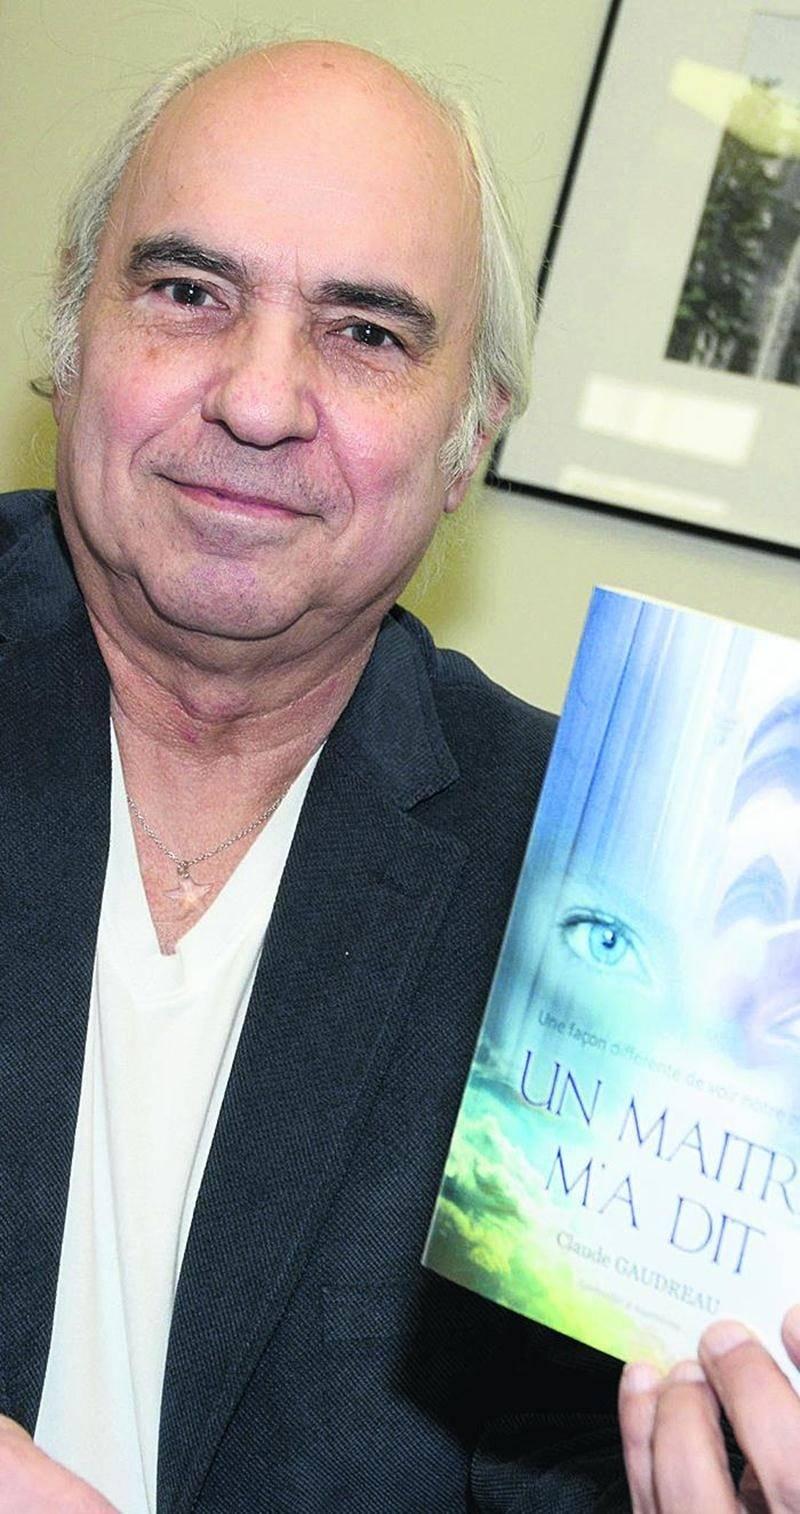 L'auteur maskoutain Claude Gaudreau présente le fruit de sa démarche mystique dans son tout premier livre Un Maître m'a dit. Photo François Larivière | Le Courrier ©